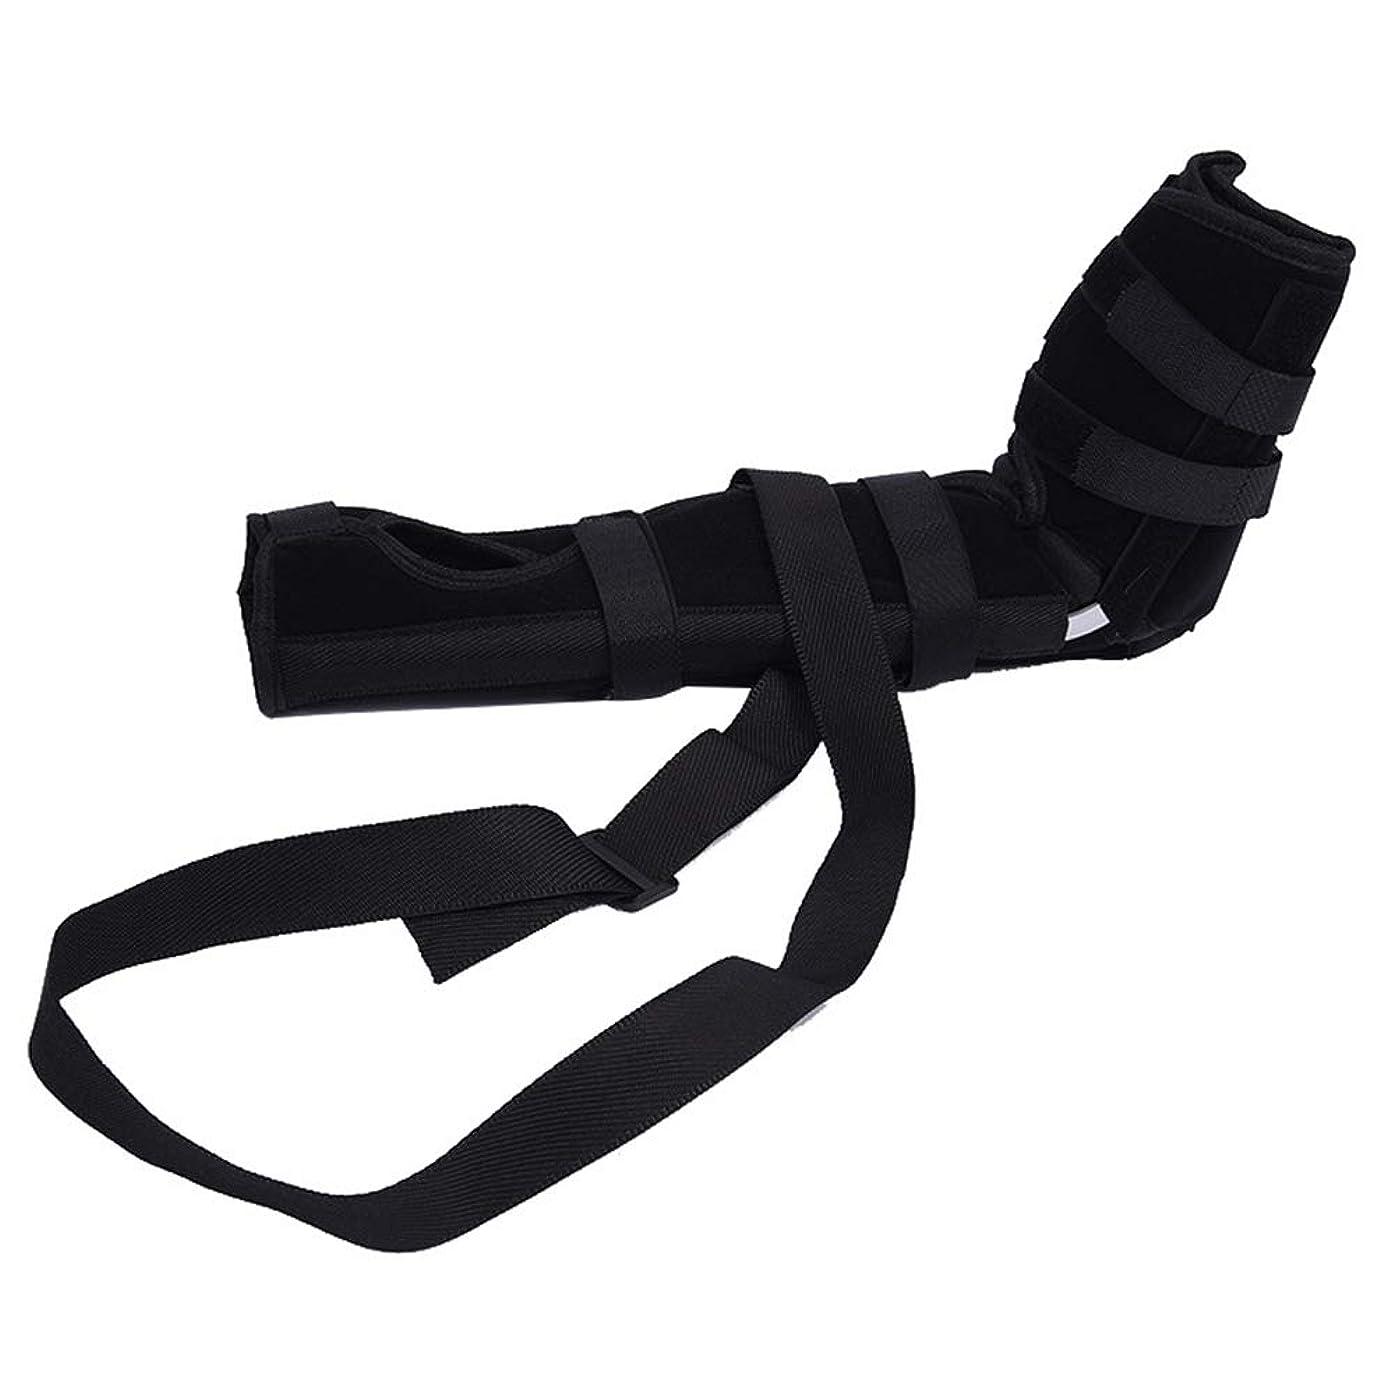 縁定数ヘルメットSUPVOX 肘ブレース 関節サポート アームリーダー 保護 固定 腕つり 関節 保護 男女兼用 調節可能 通気性 術後ケアブレース(ブラック サイズL)